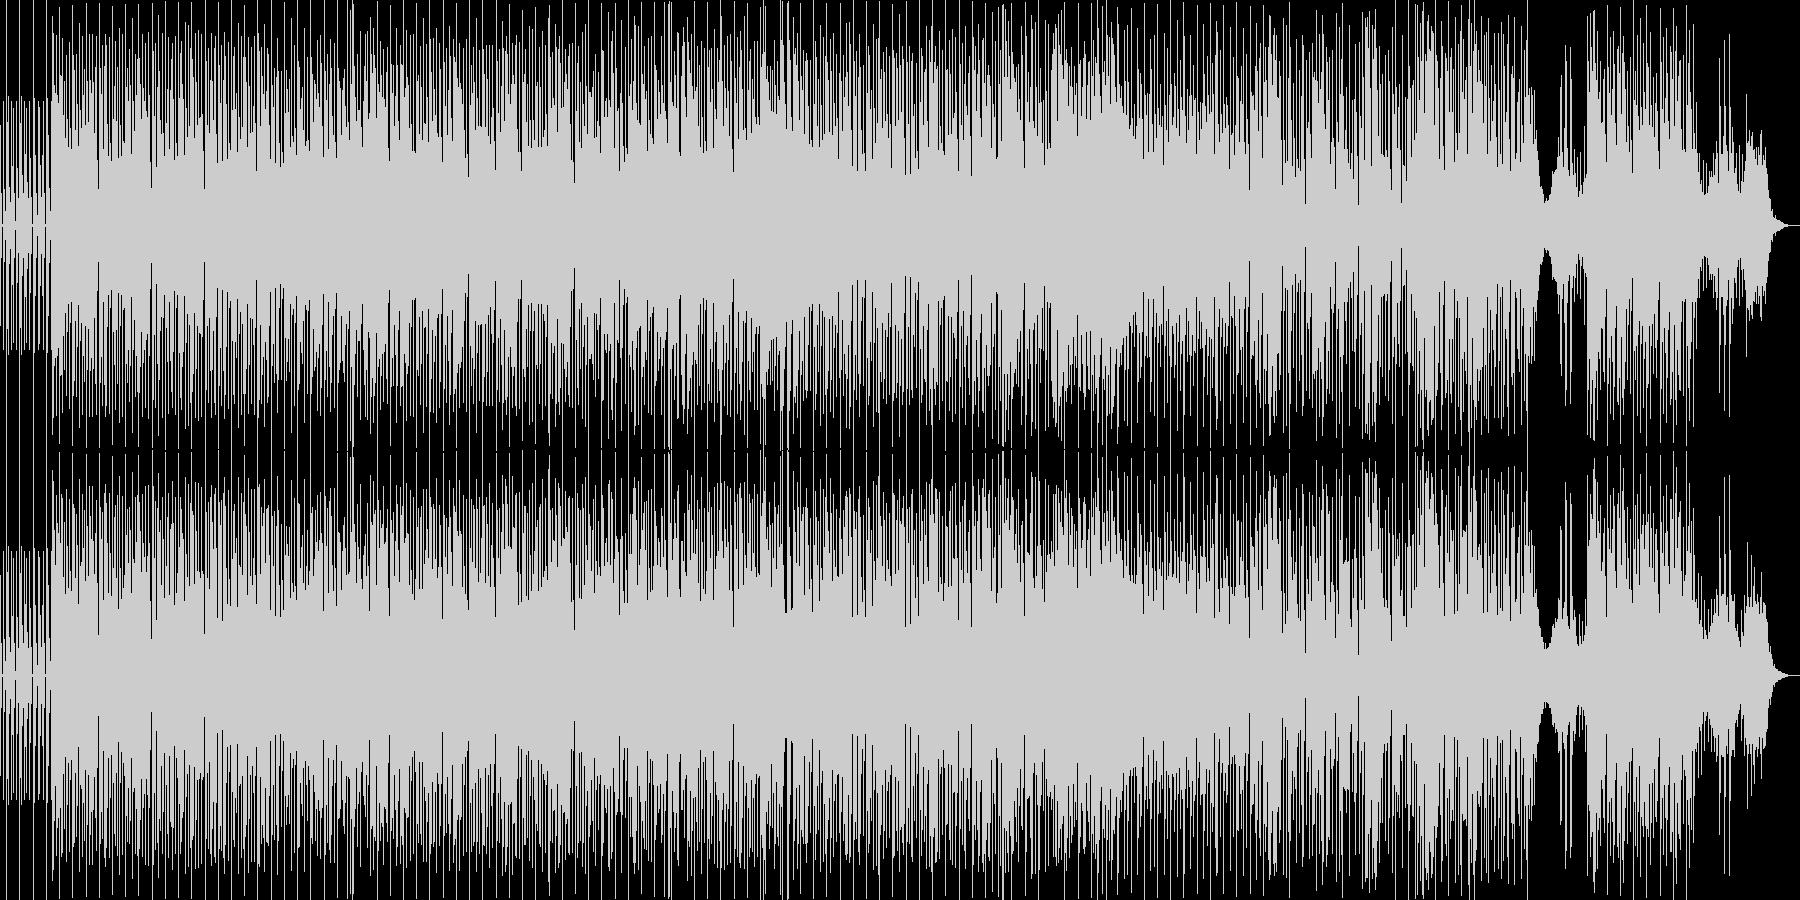 電子音を使ったキャッチーな曲調の未再生の波形